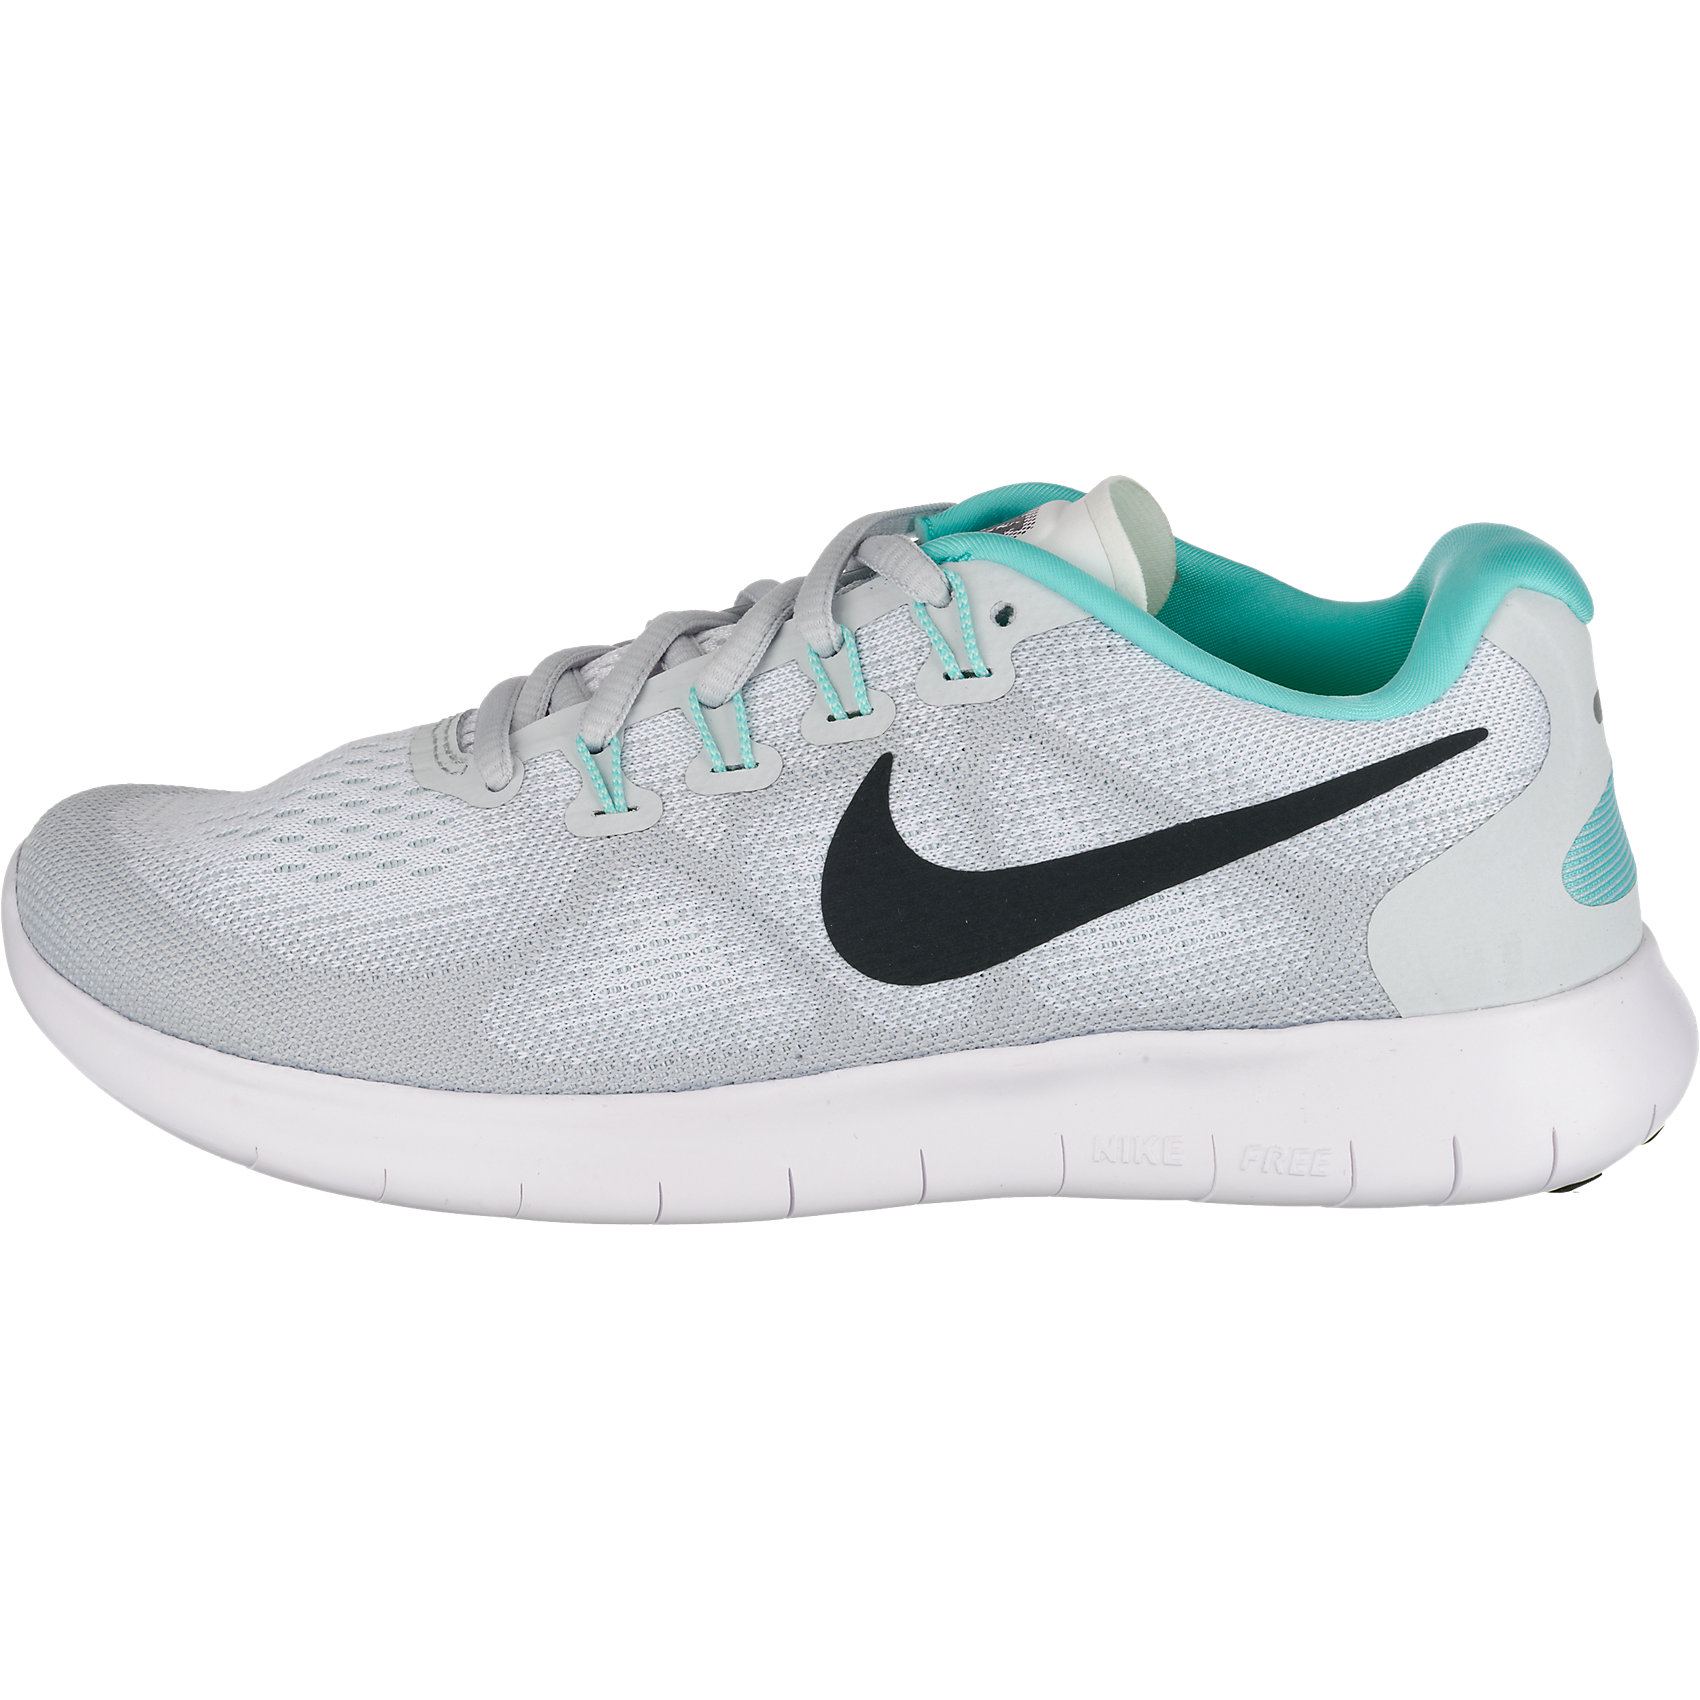 Neu Nike Nike Nike Performance Free Run 2017 Sportschuhe 5776772 für Damen 2a7d80